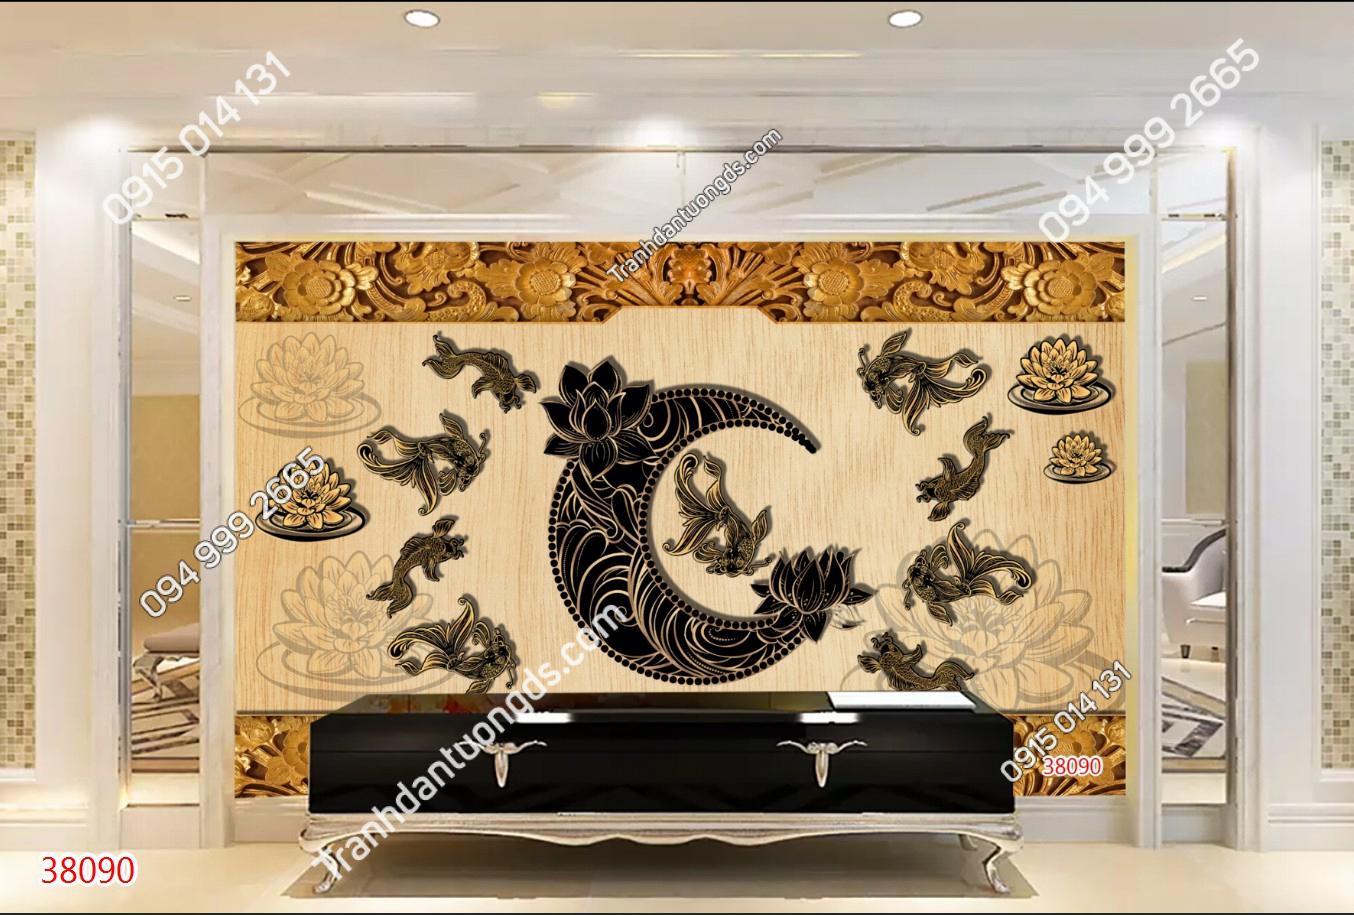 Tranh dán tường lý ngư vọng nguyệt phong cách điêu khắc gỗ 38090~1